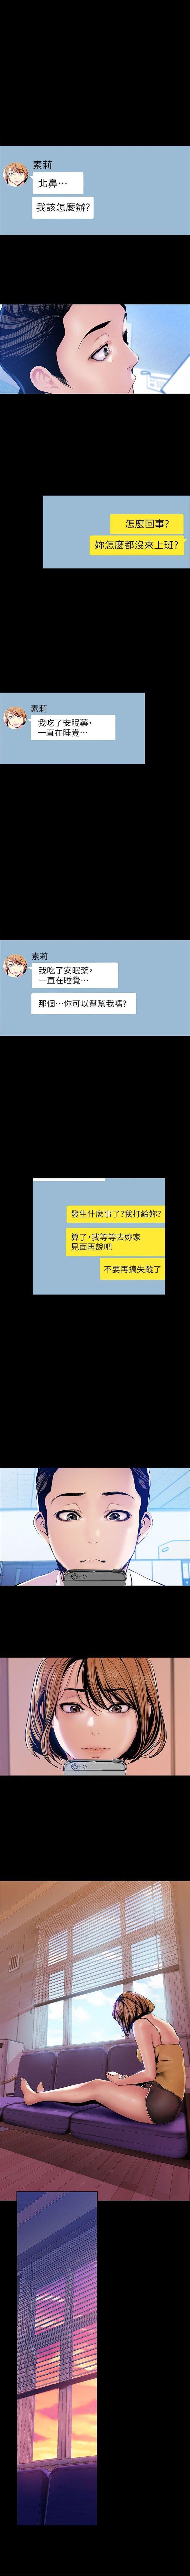 (週1)美麗新世界 1-76 中文翻譯 (更新中) 310